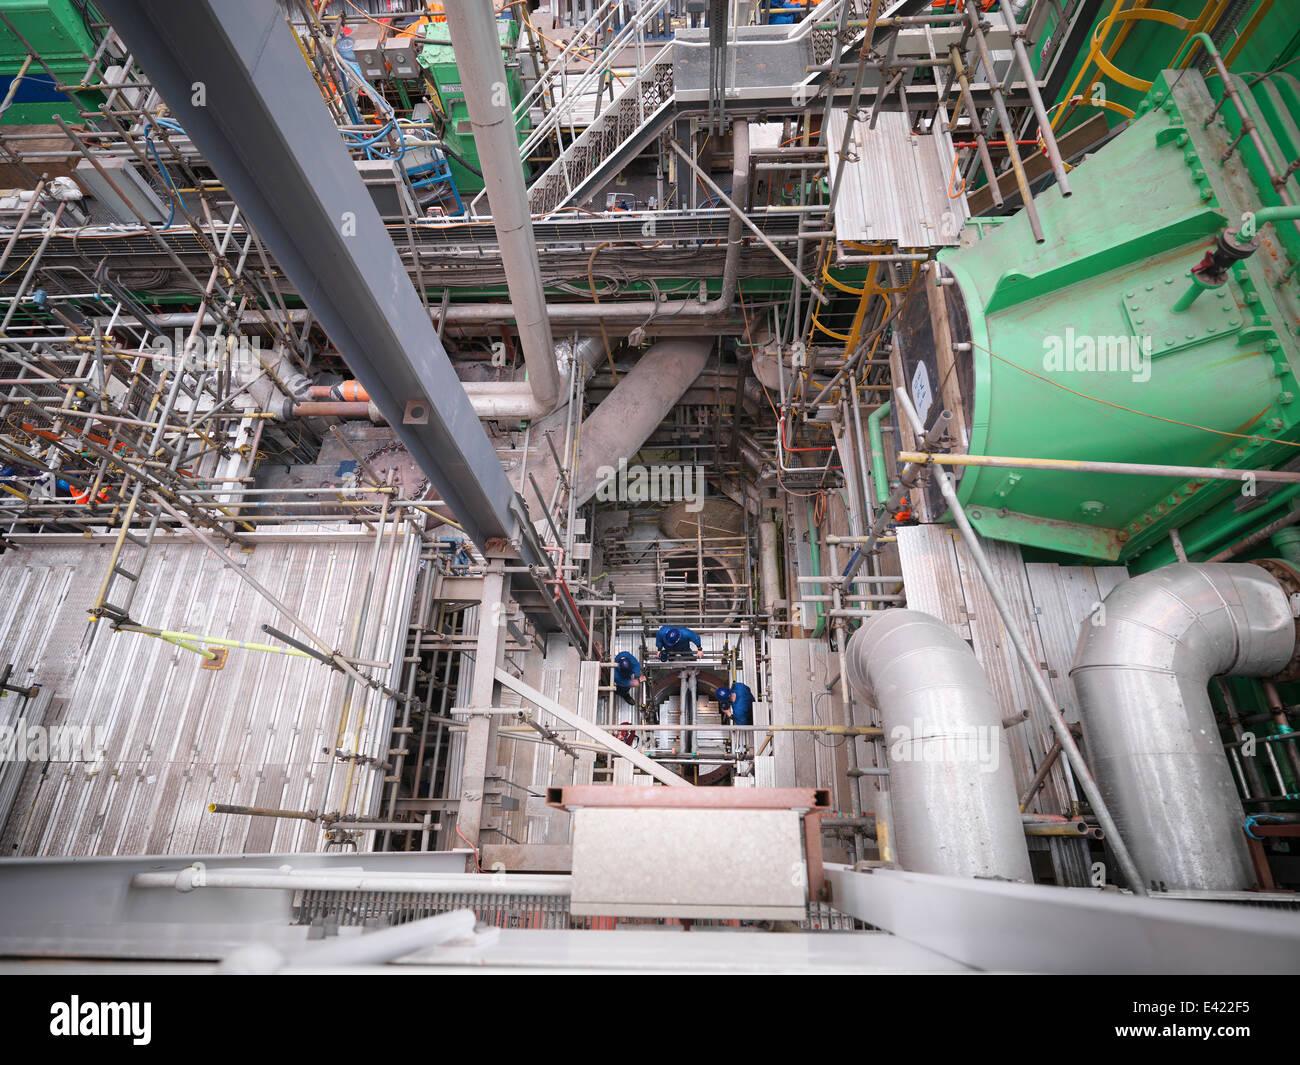 Ingenieros trabajando profunda en el equipo durante la estación de alimentación, indisponibilidad de un Imagen De Stock